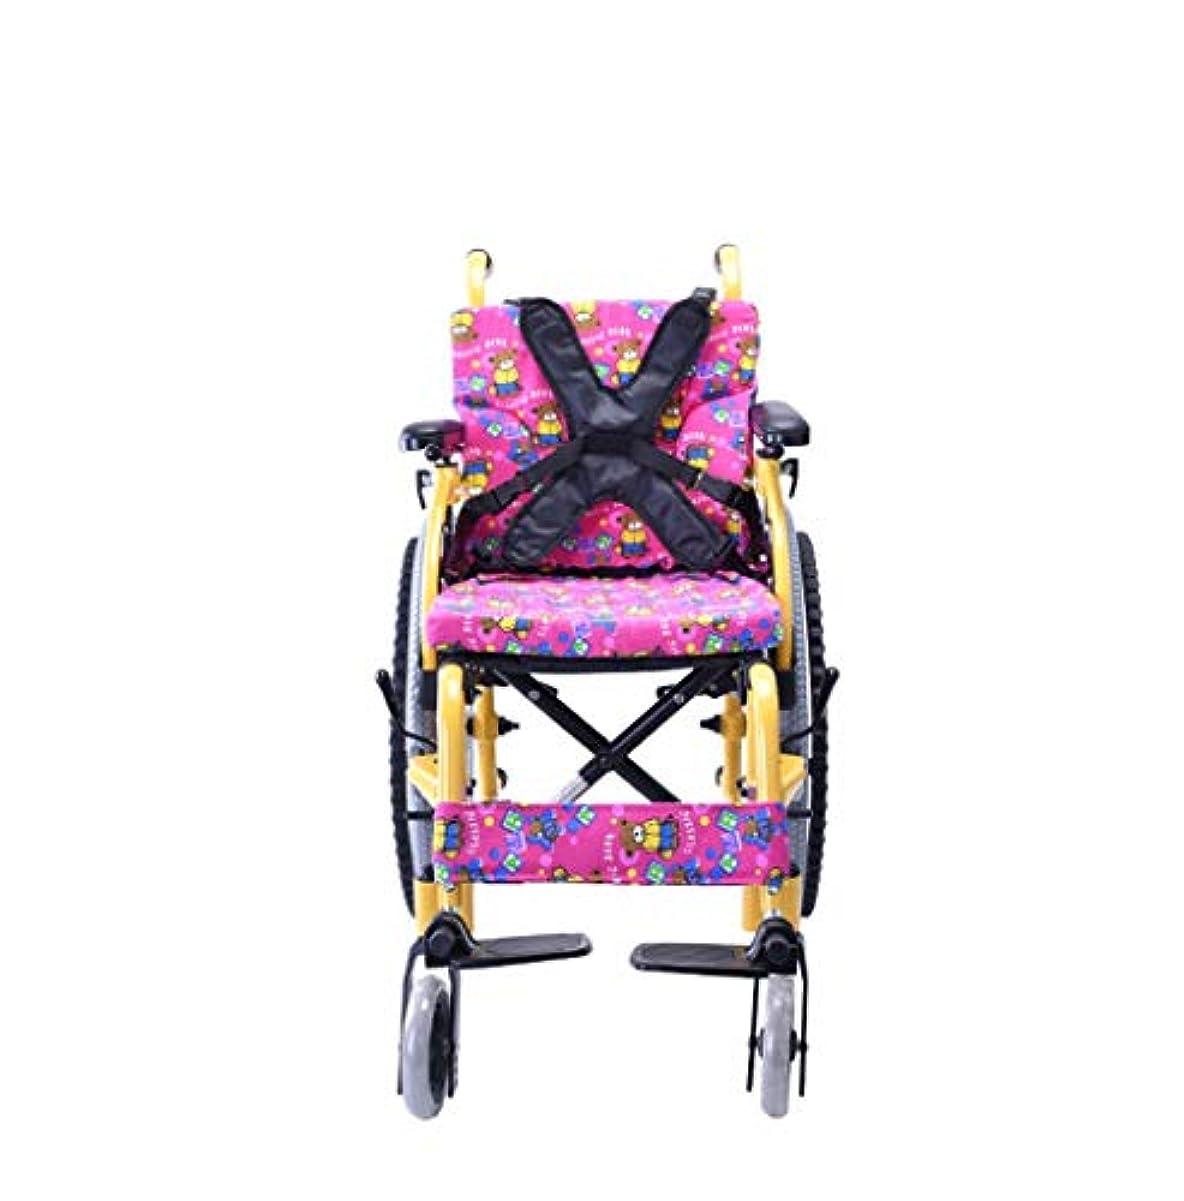 恐ろしい不良品ガイド子供用車椅子折りたたみポータブル小型ポータブル無効トロリー子供用アルミニウム手動車椅子